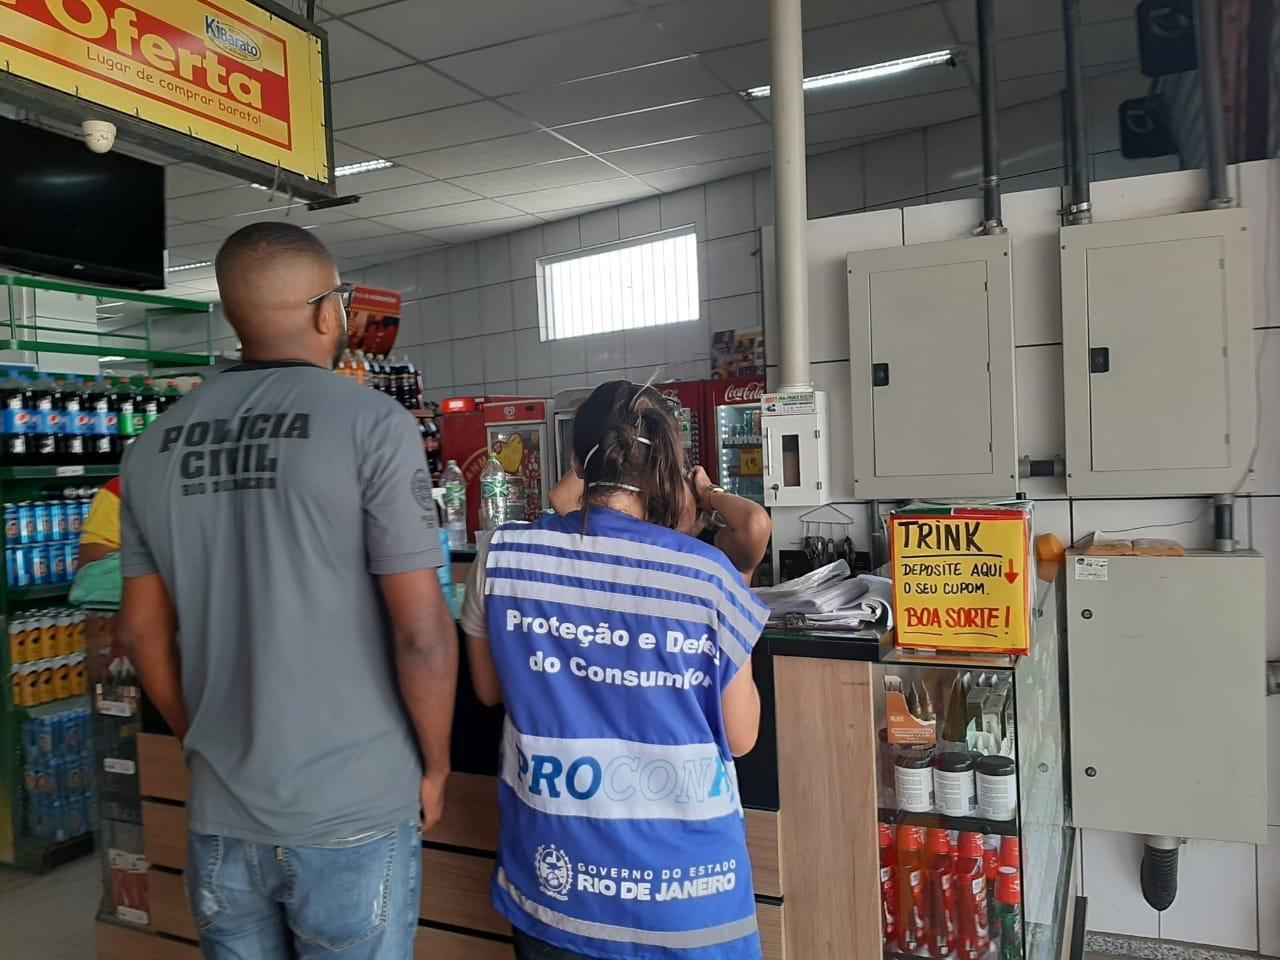 Polícia e Procon-RJ fazem ação contra preços abusivos durante pandemia da Covid-19